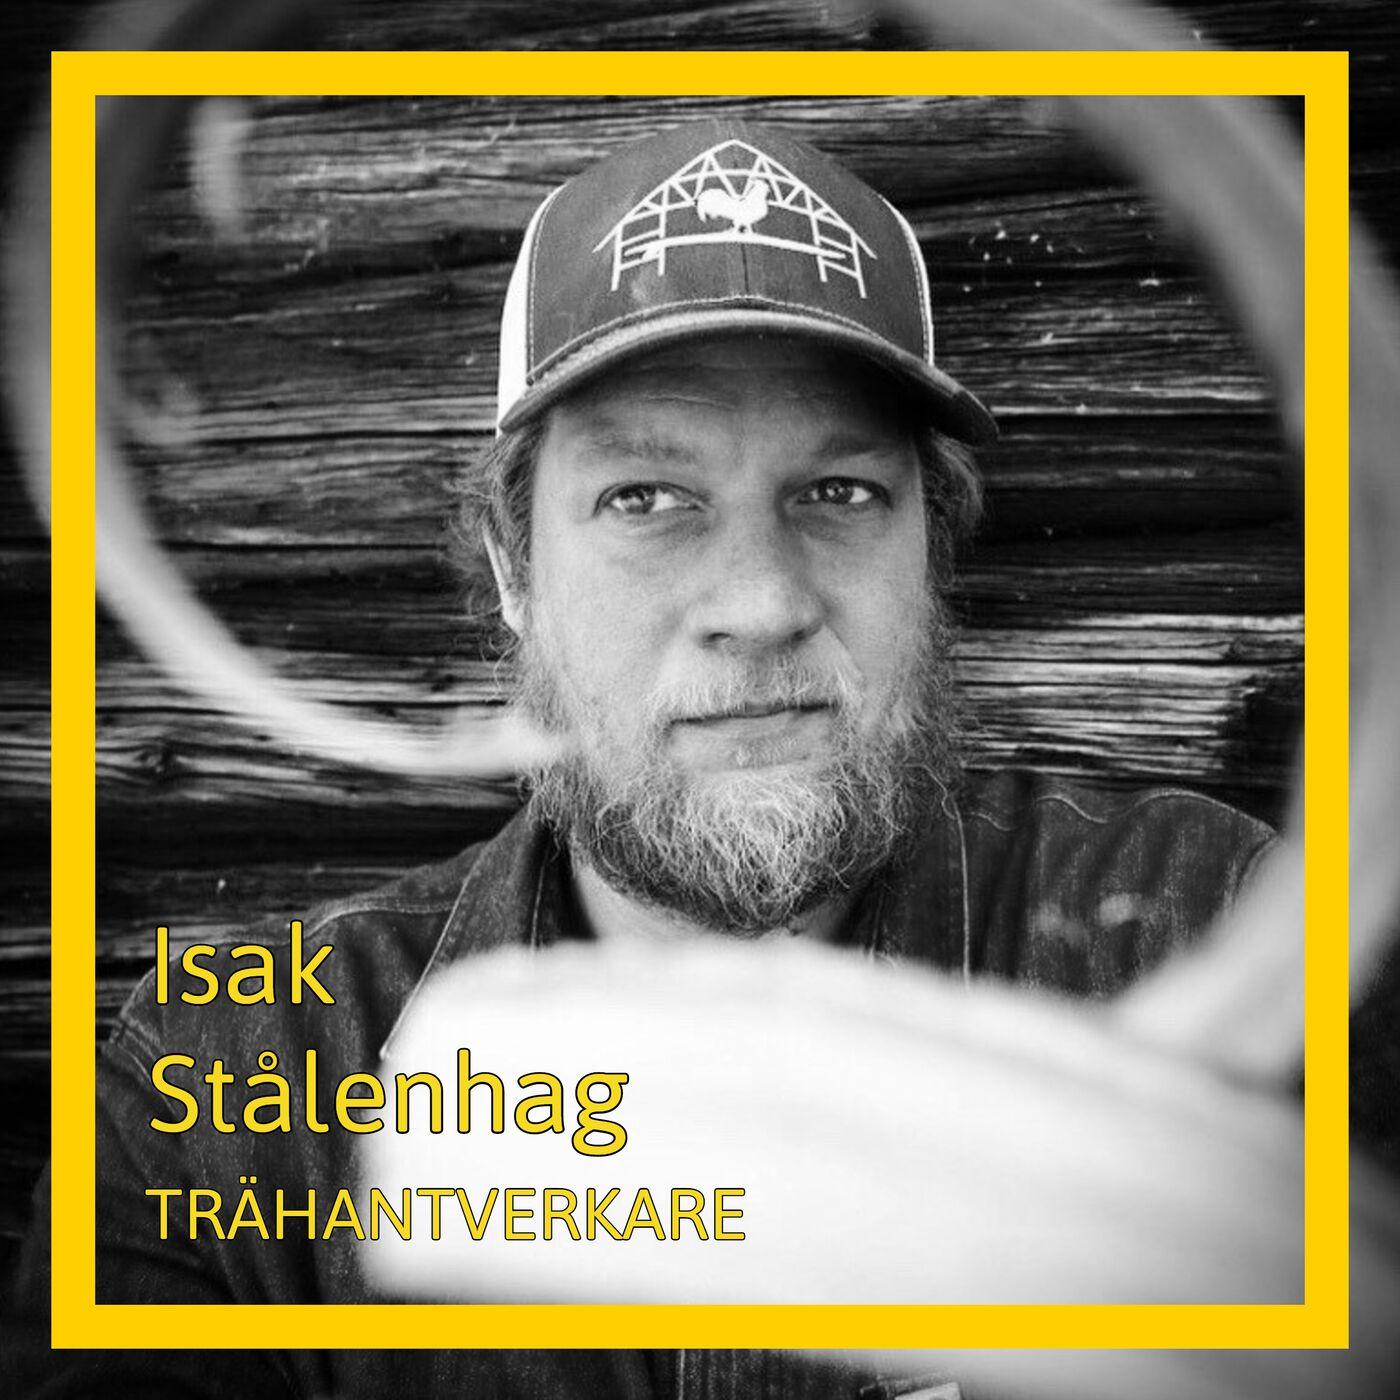 Isak Stålenhag - Trähantverkare